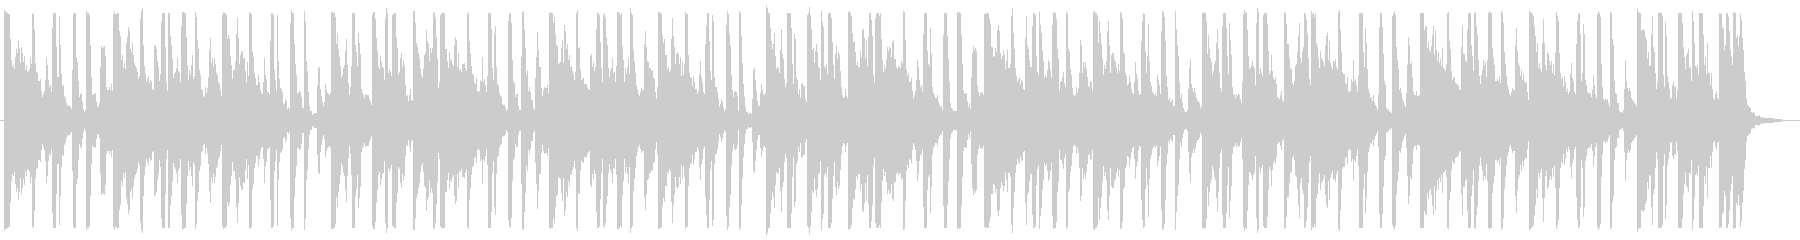 冬/切ない/R&B_No483_5の未再生の波形